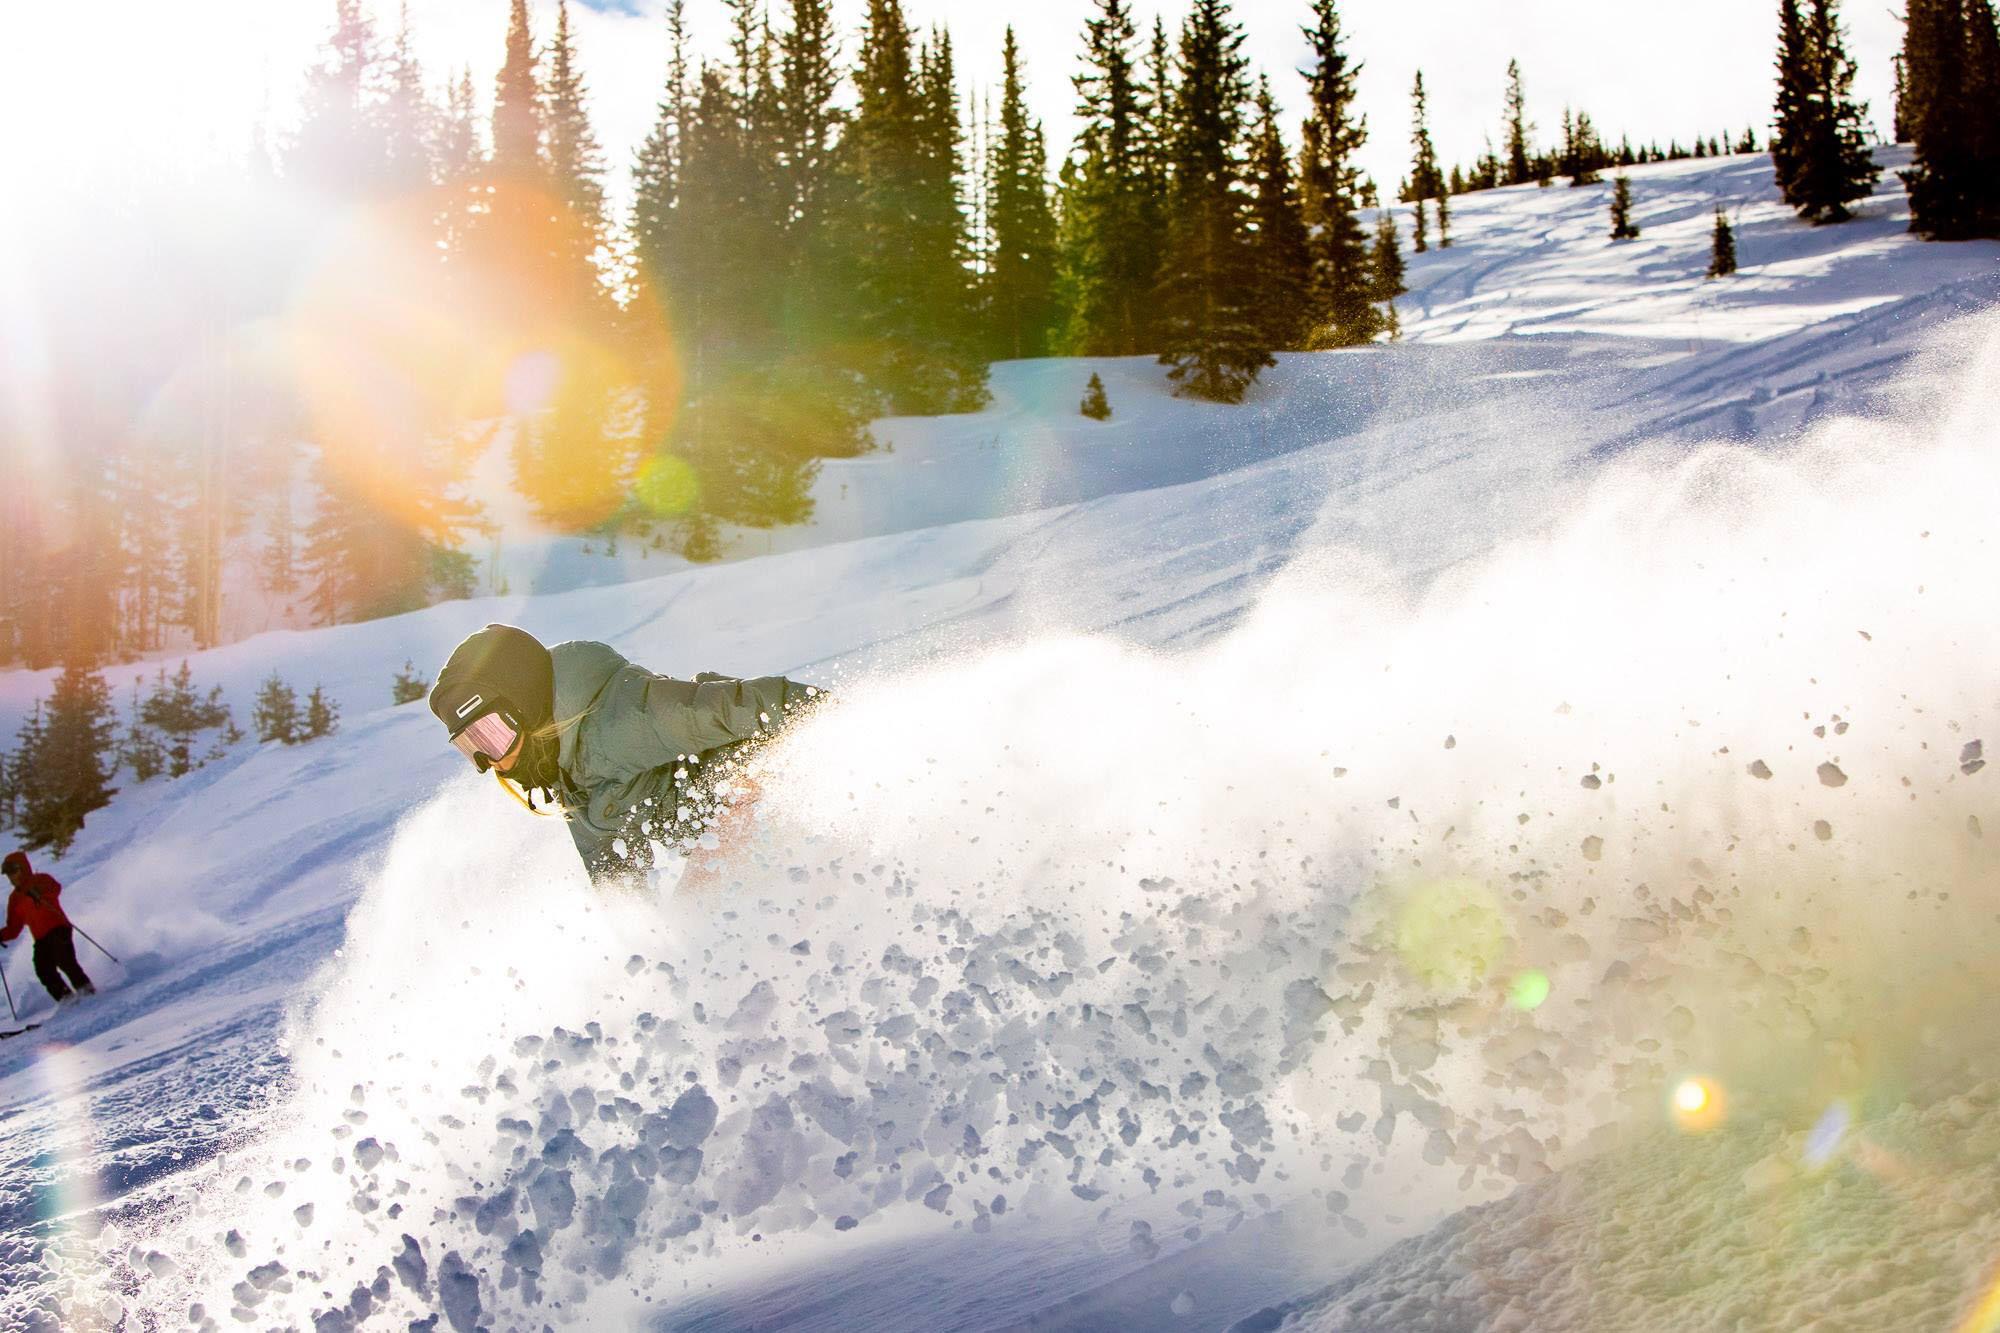 Snowboarding in Powder Aspen